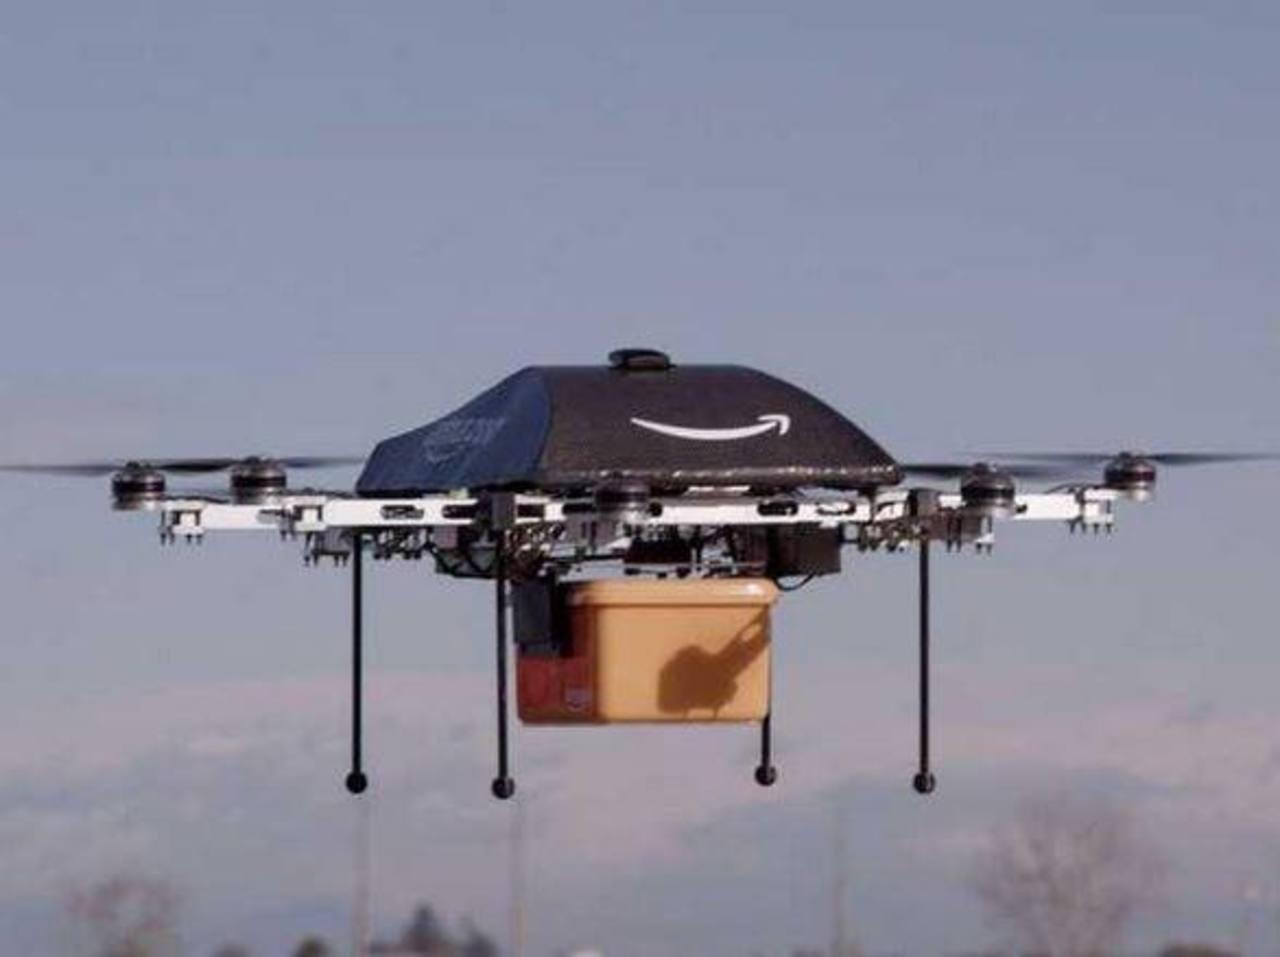 Amazon planea entregar pedidos mediante drones